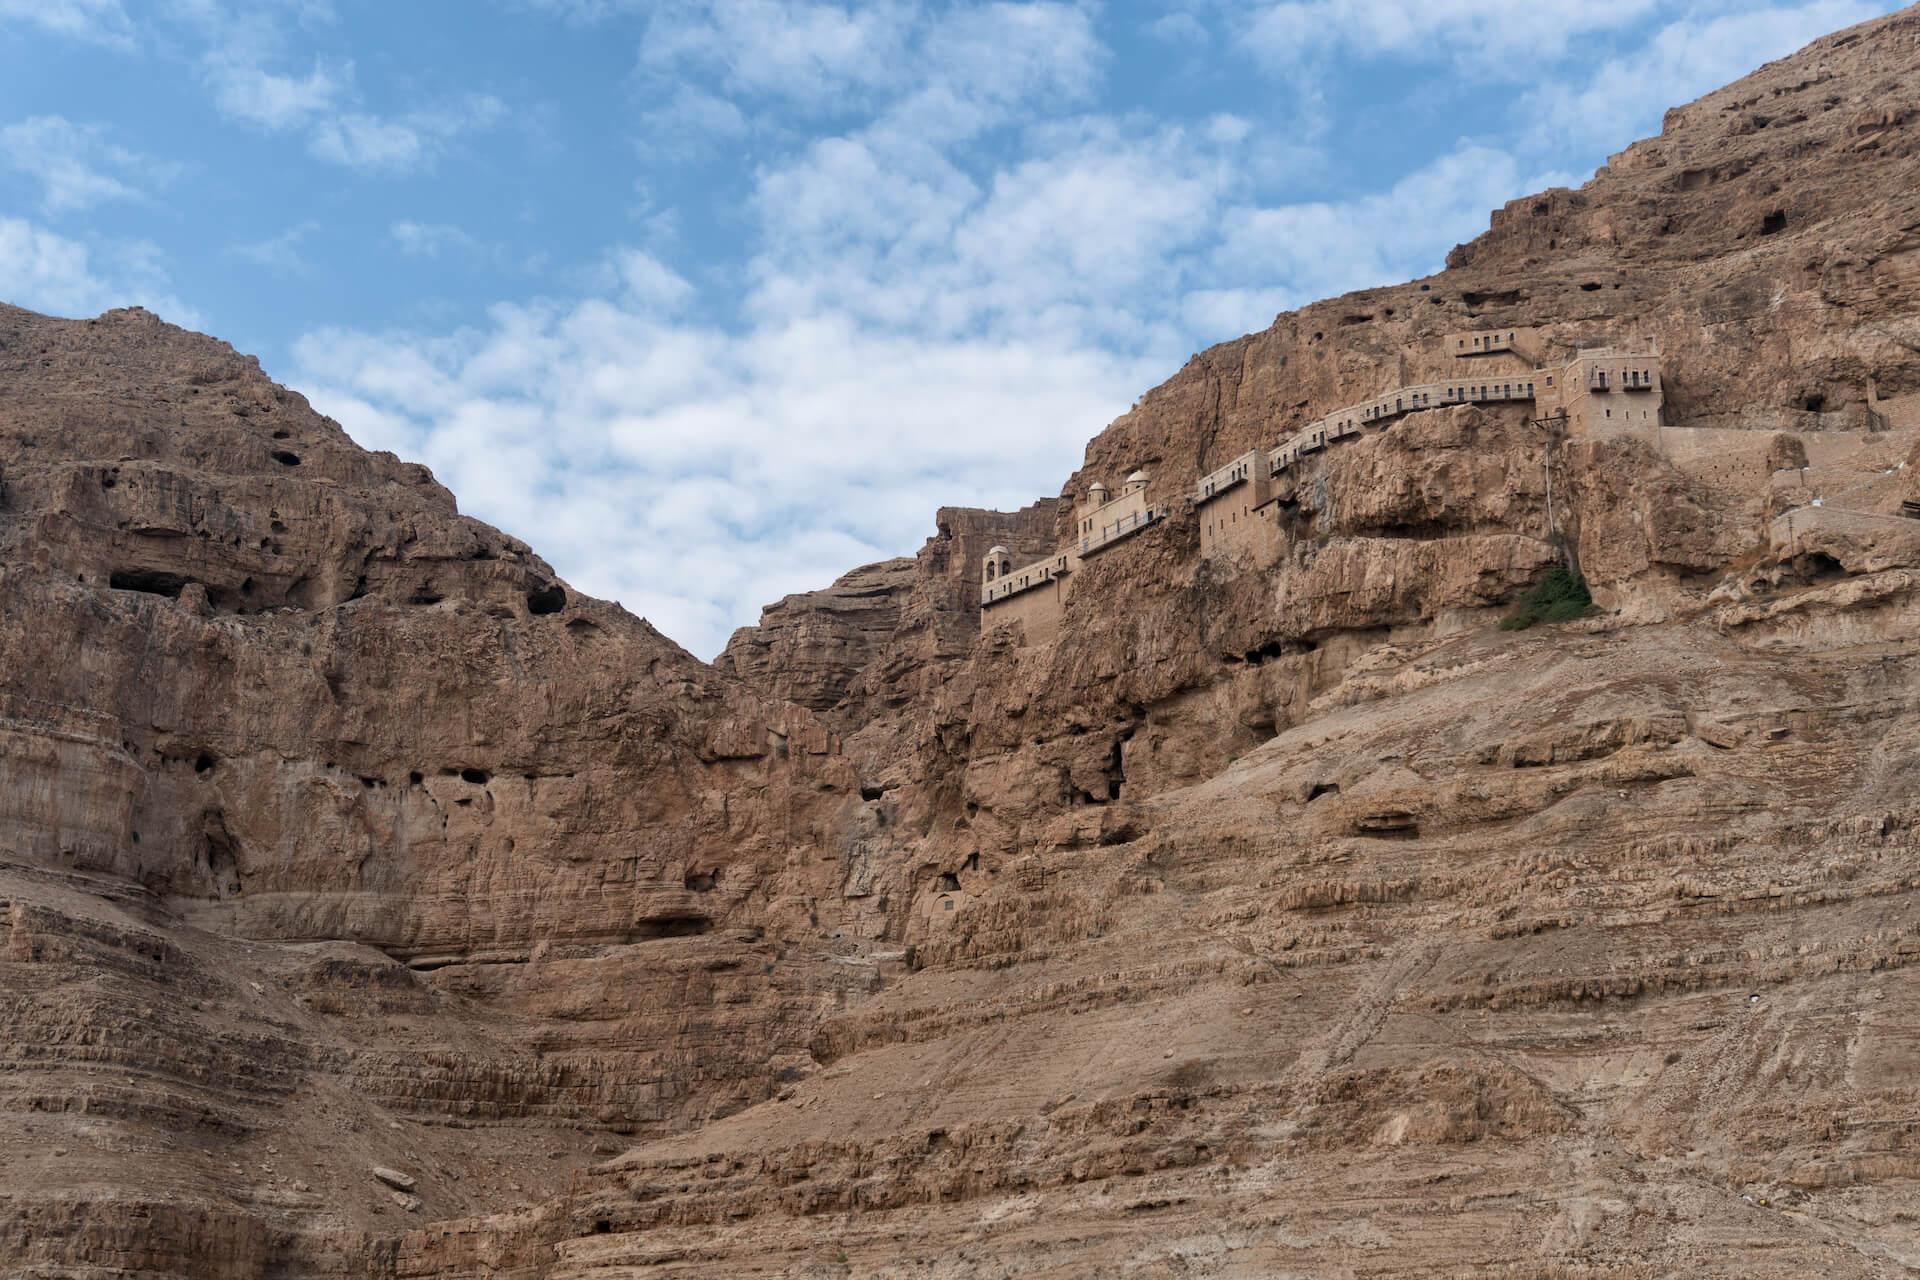 Het klooster van verleiding op de berg der verzoeking in Jericho